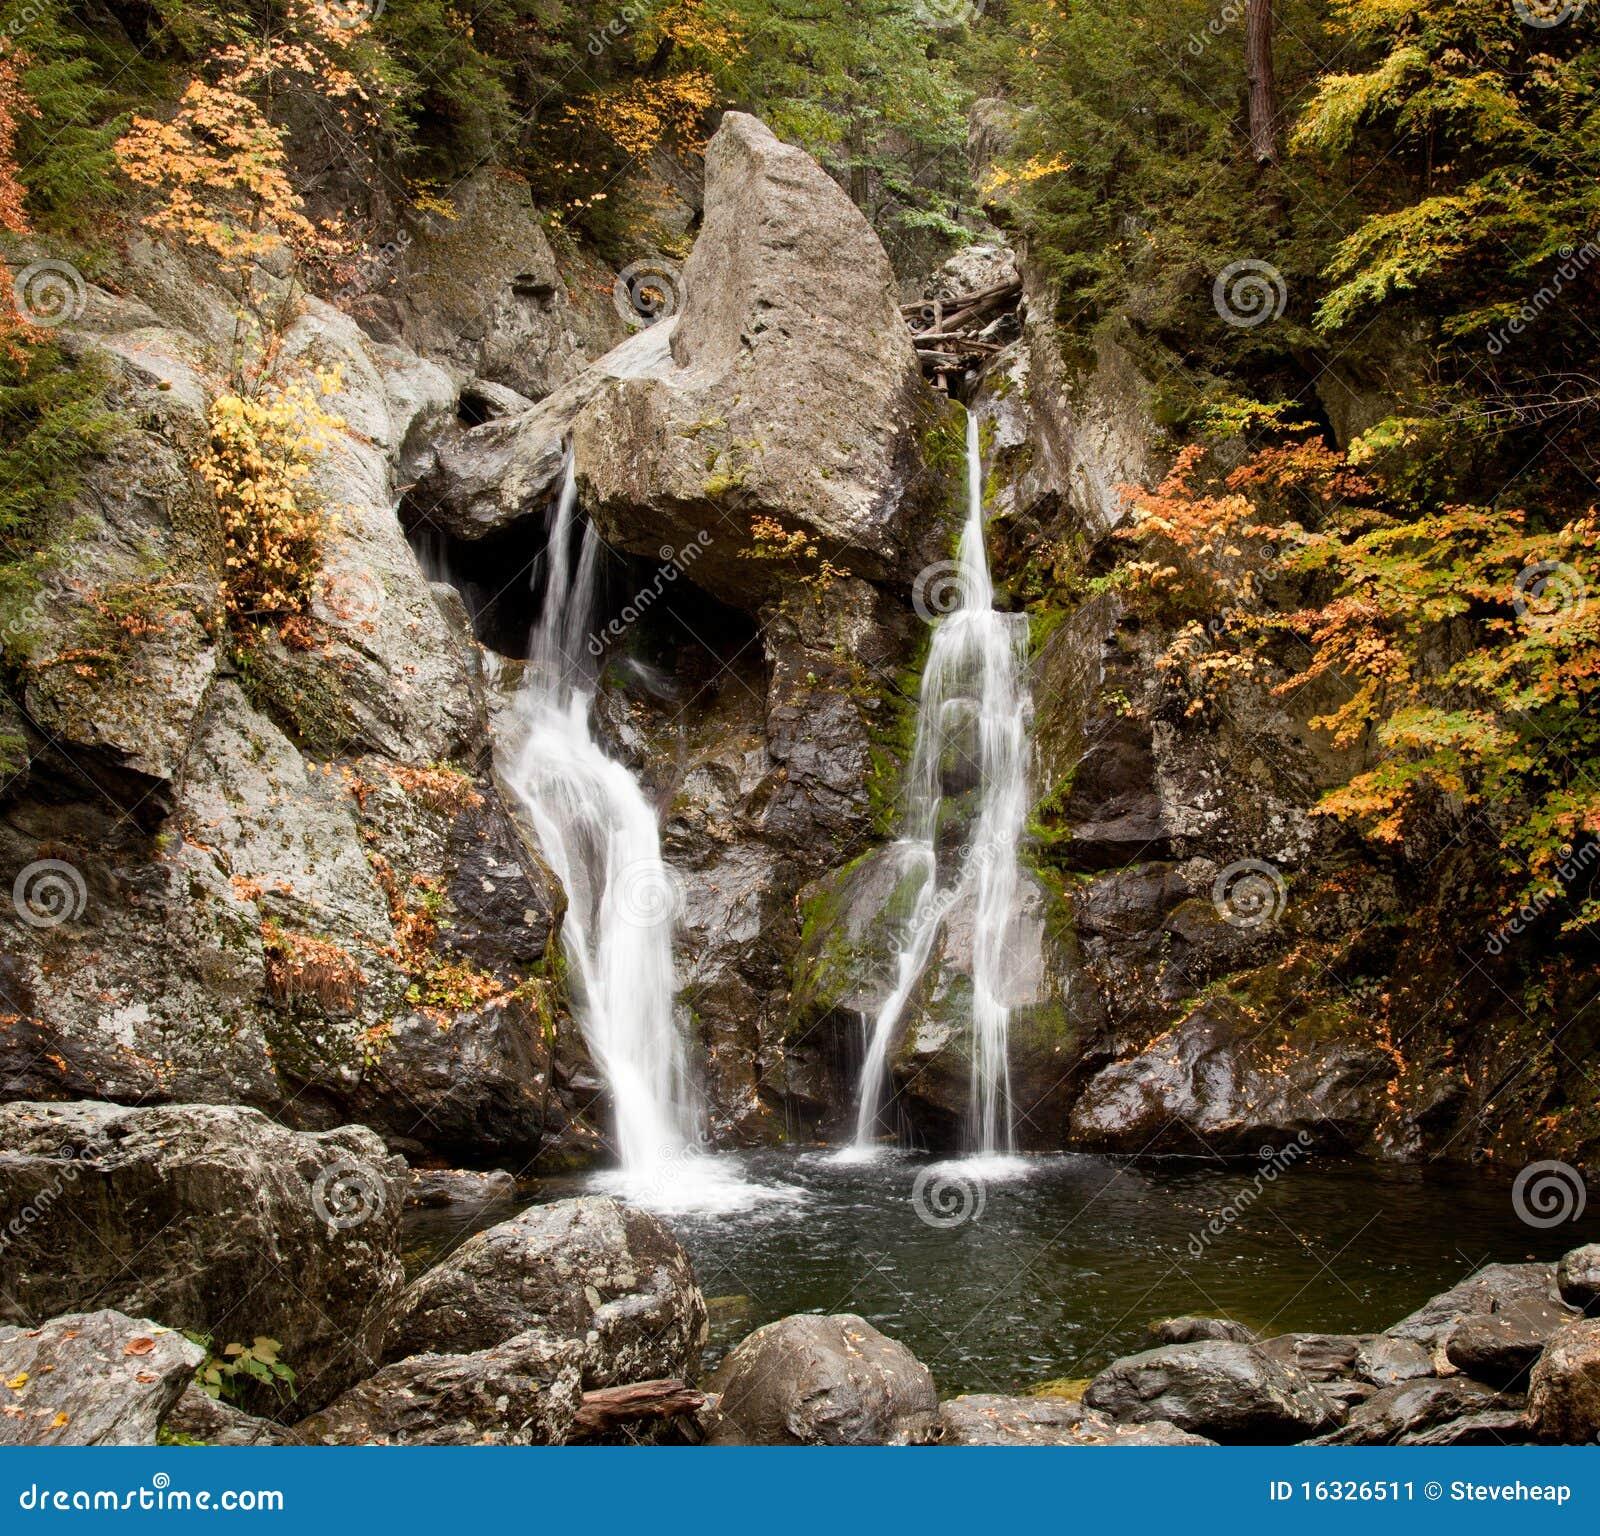 Bash Bish falls in Berkshires